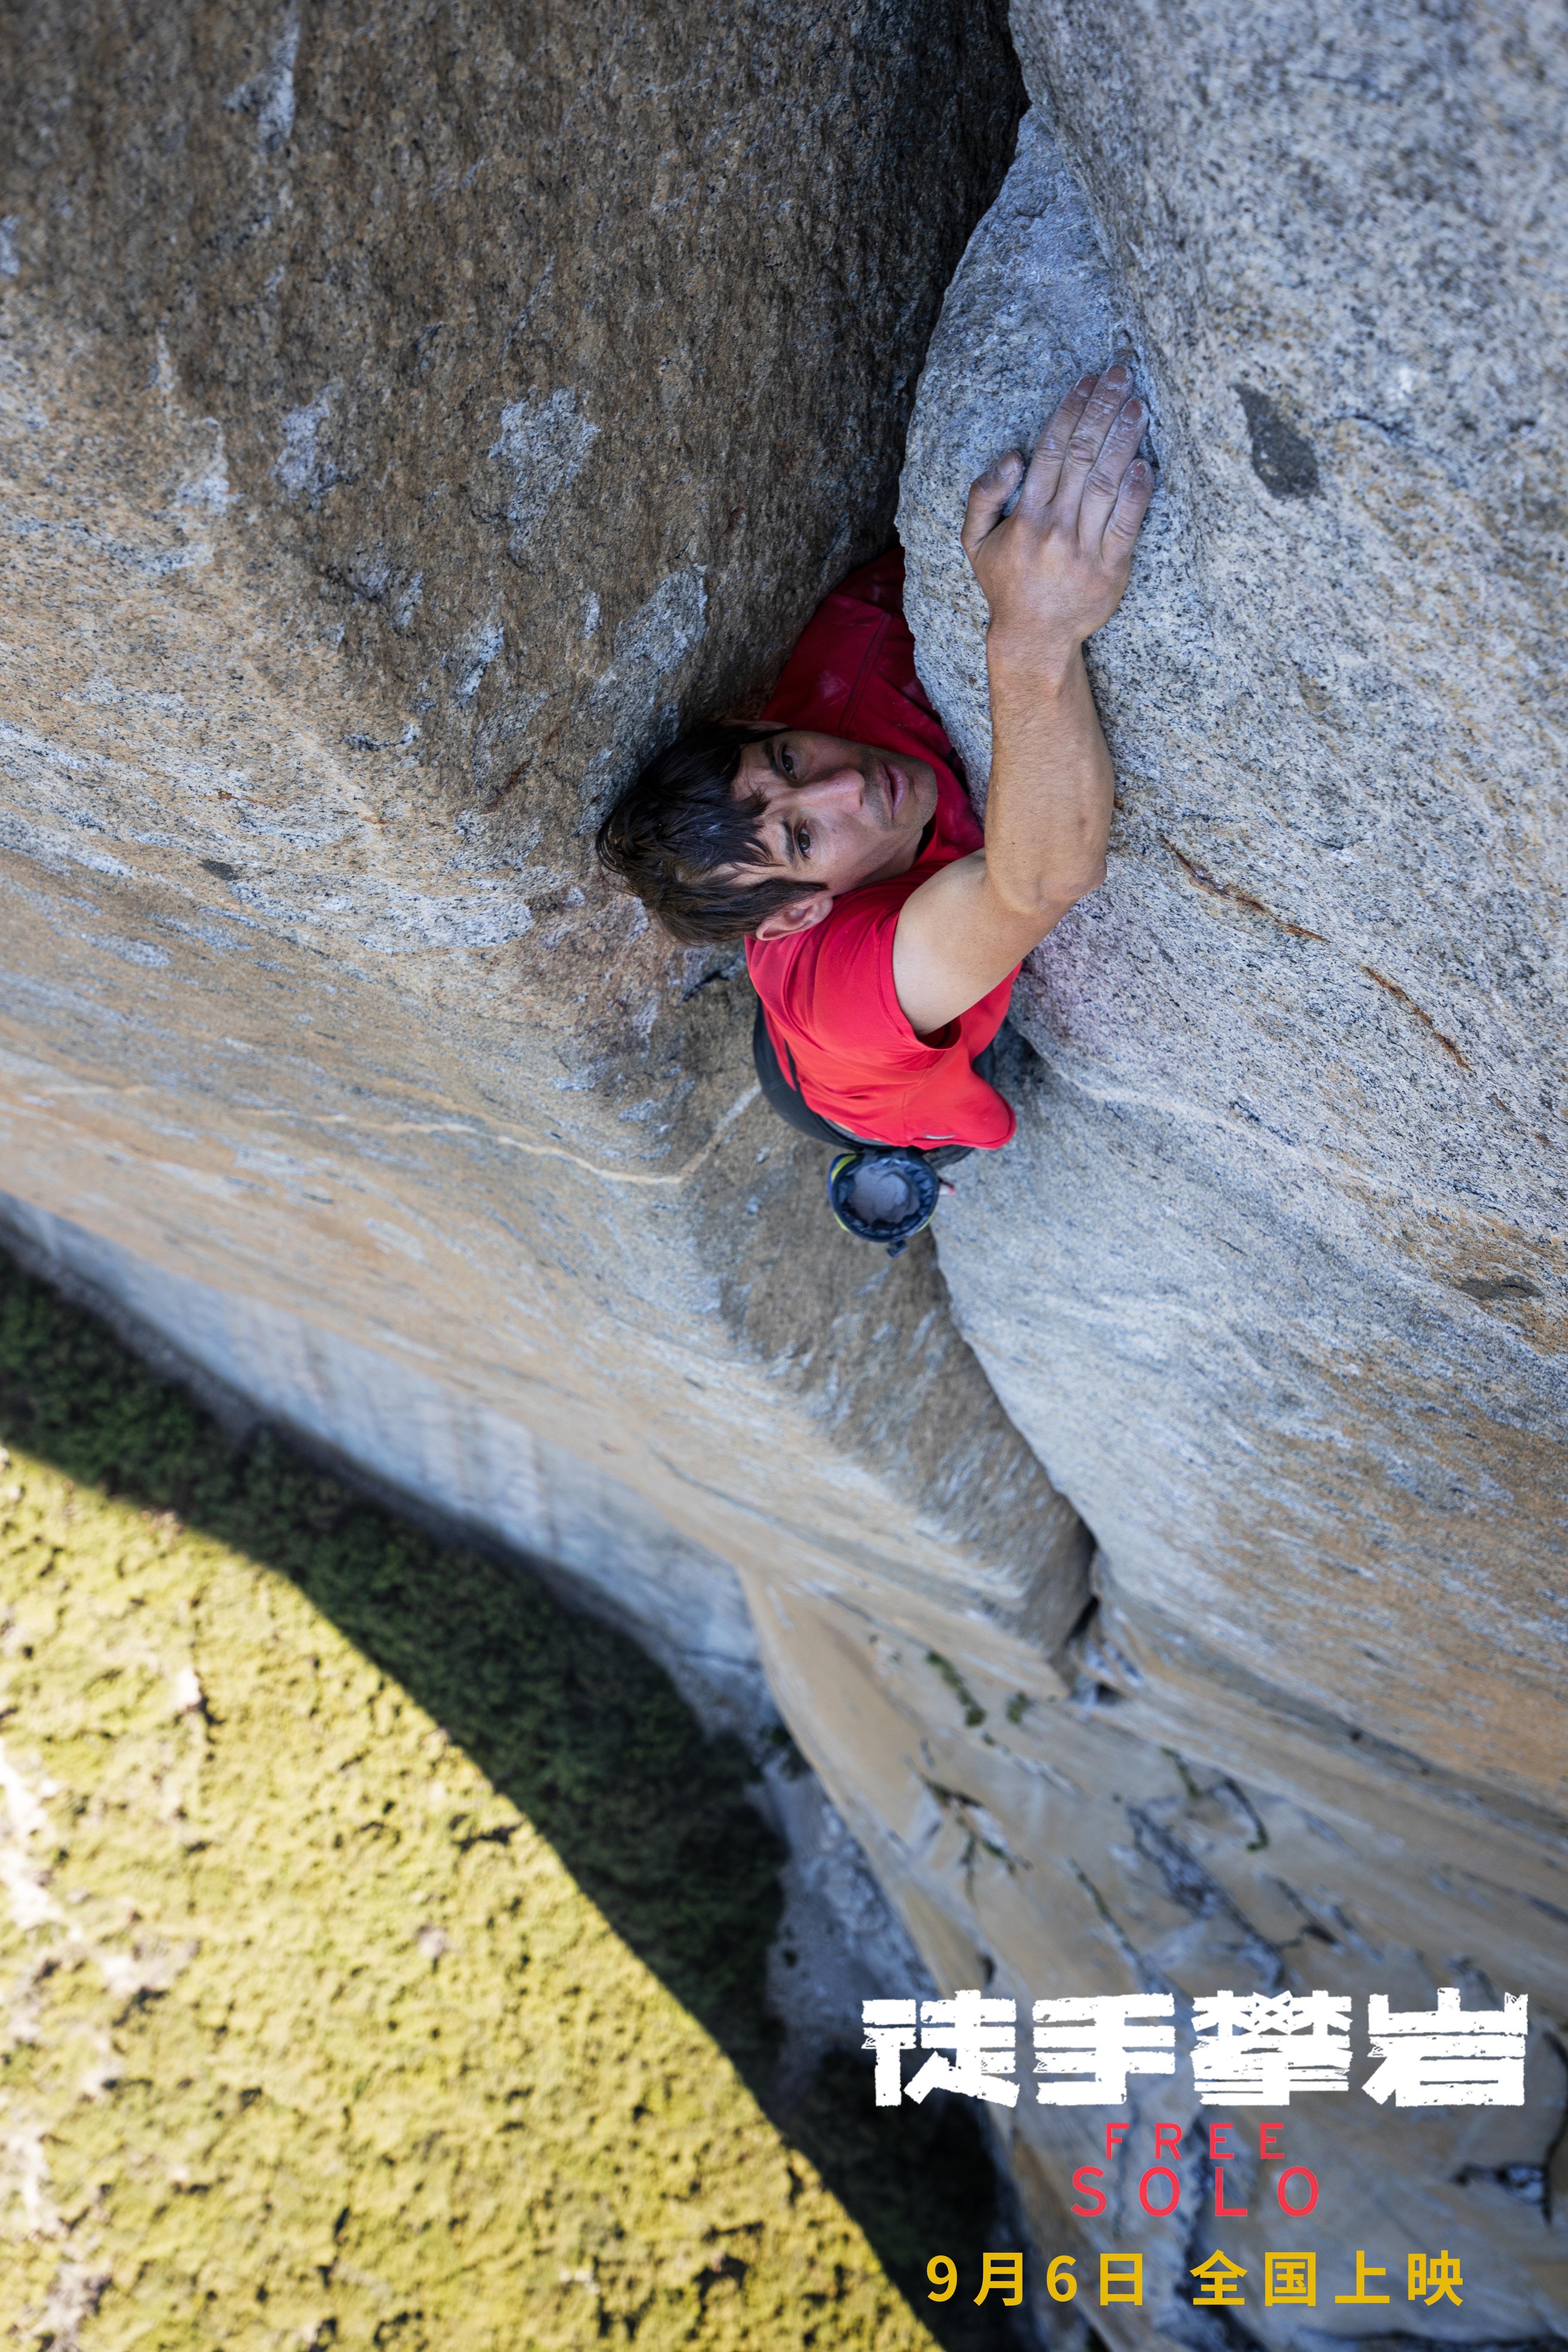 《徒手攀岩》发中国版预告 奥斯卡获奖纪录片书写传奇